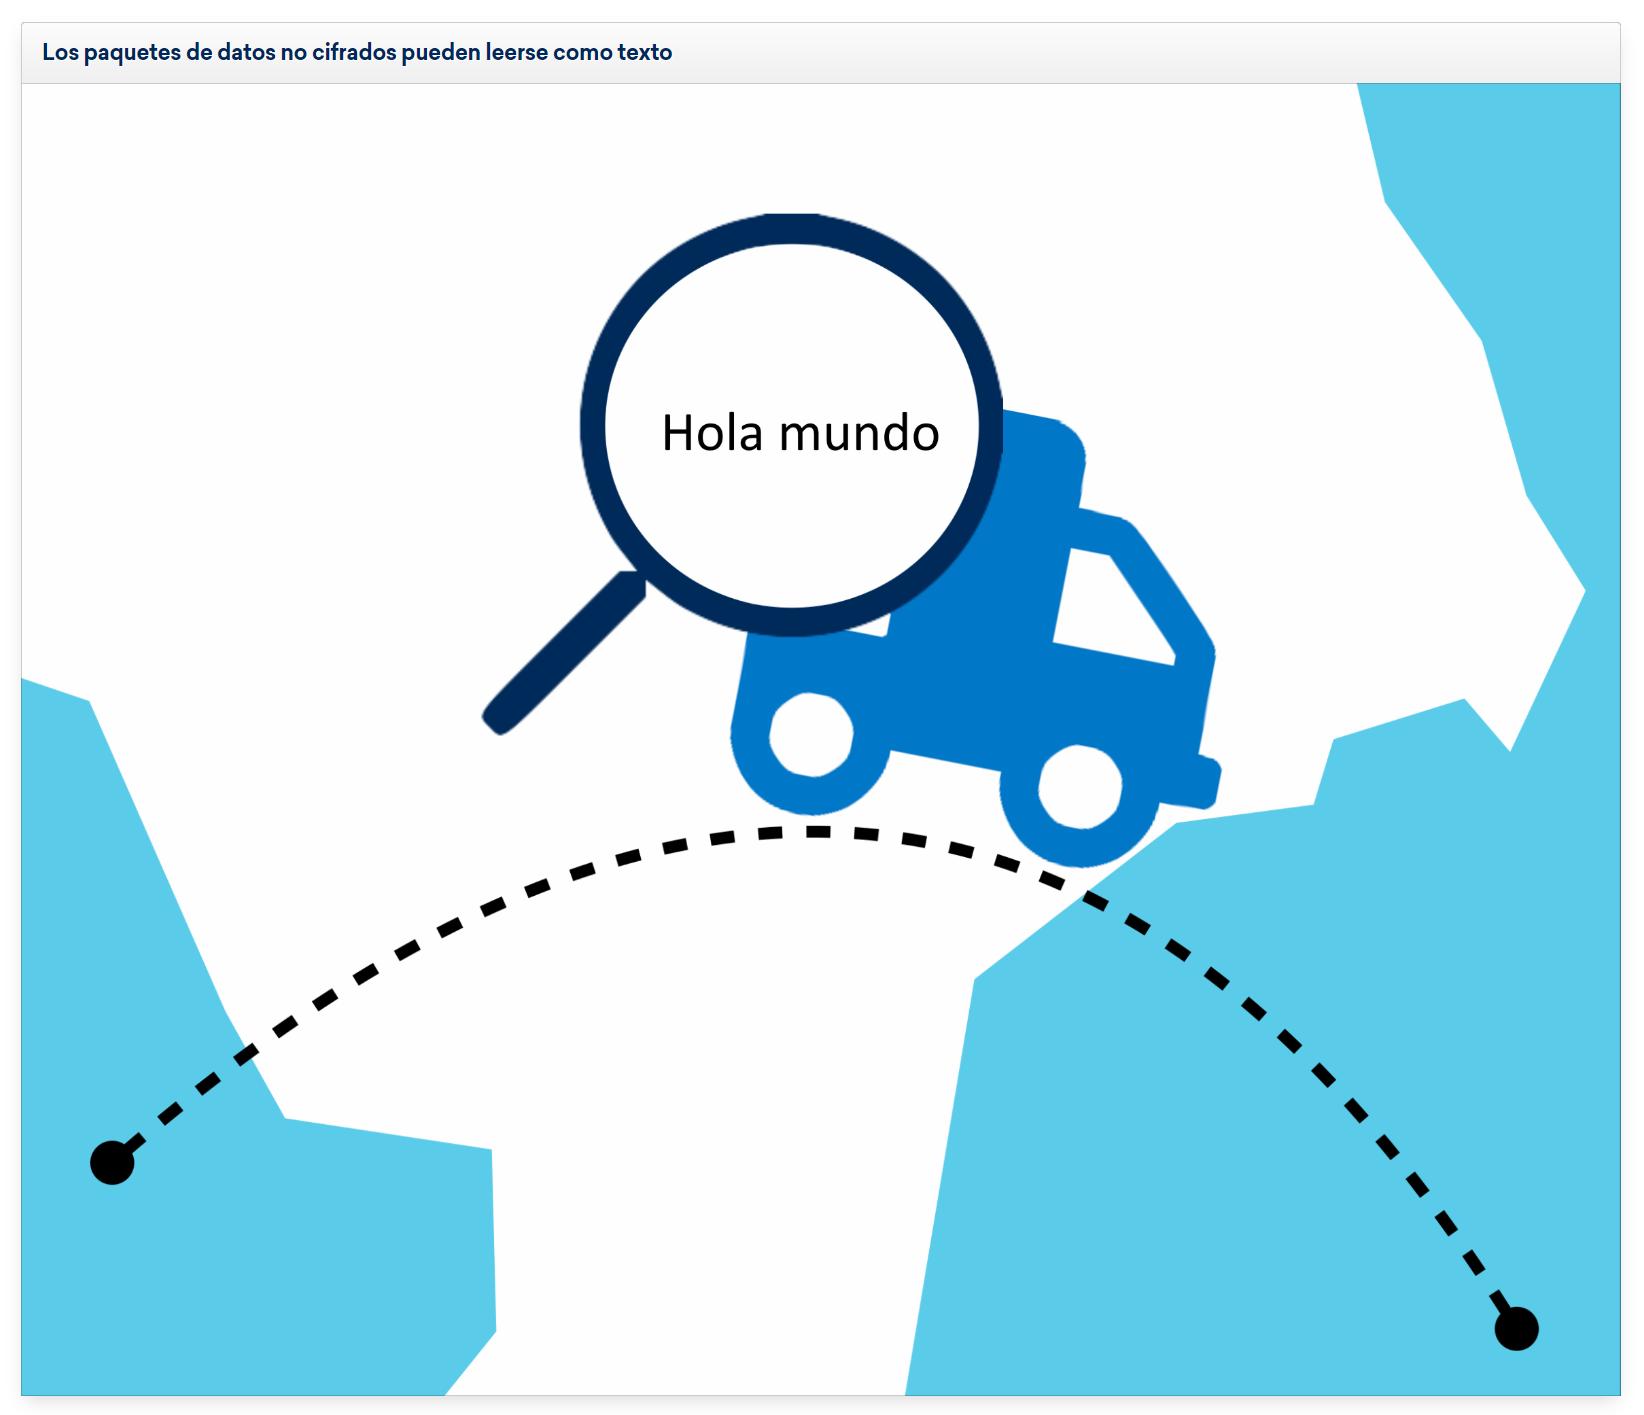 Explicación visual de la lectura de paquetes de datos encriptados si se posee la clave de acceso